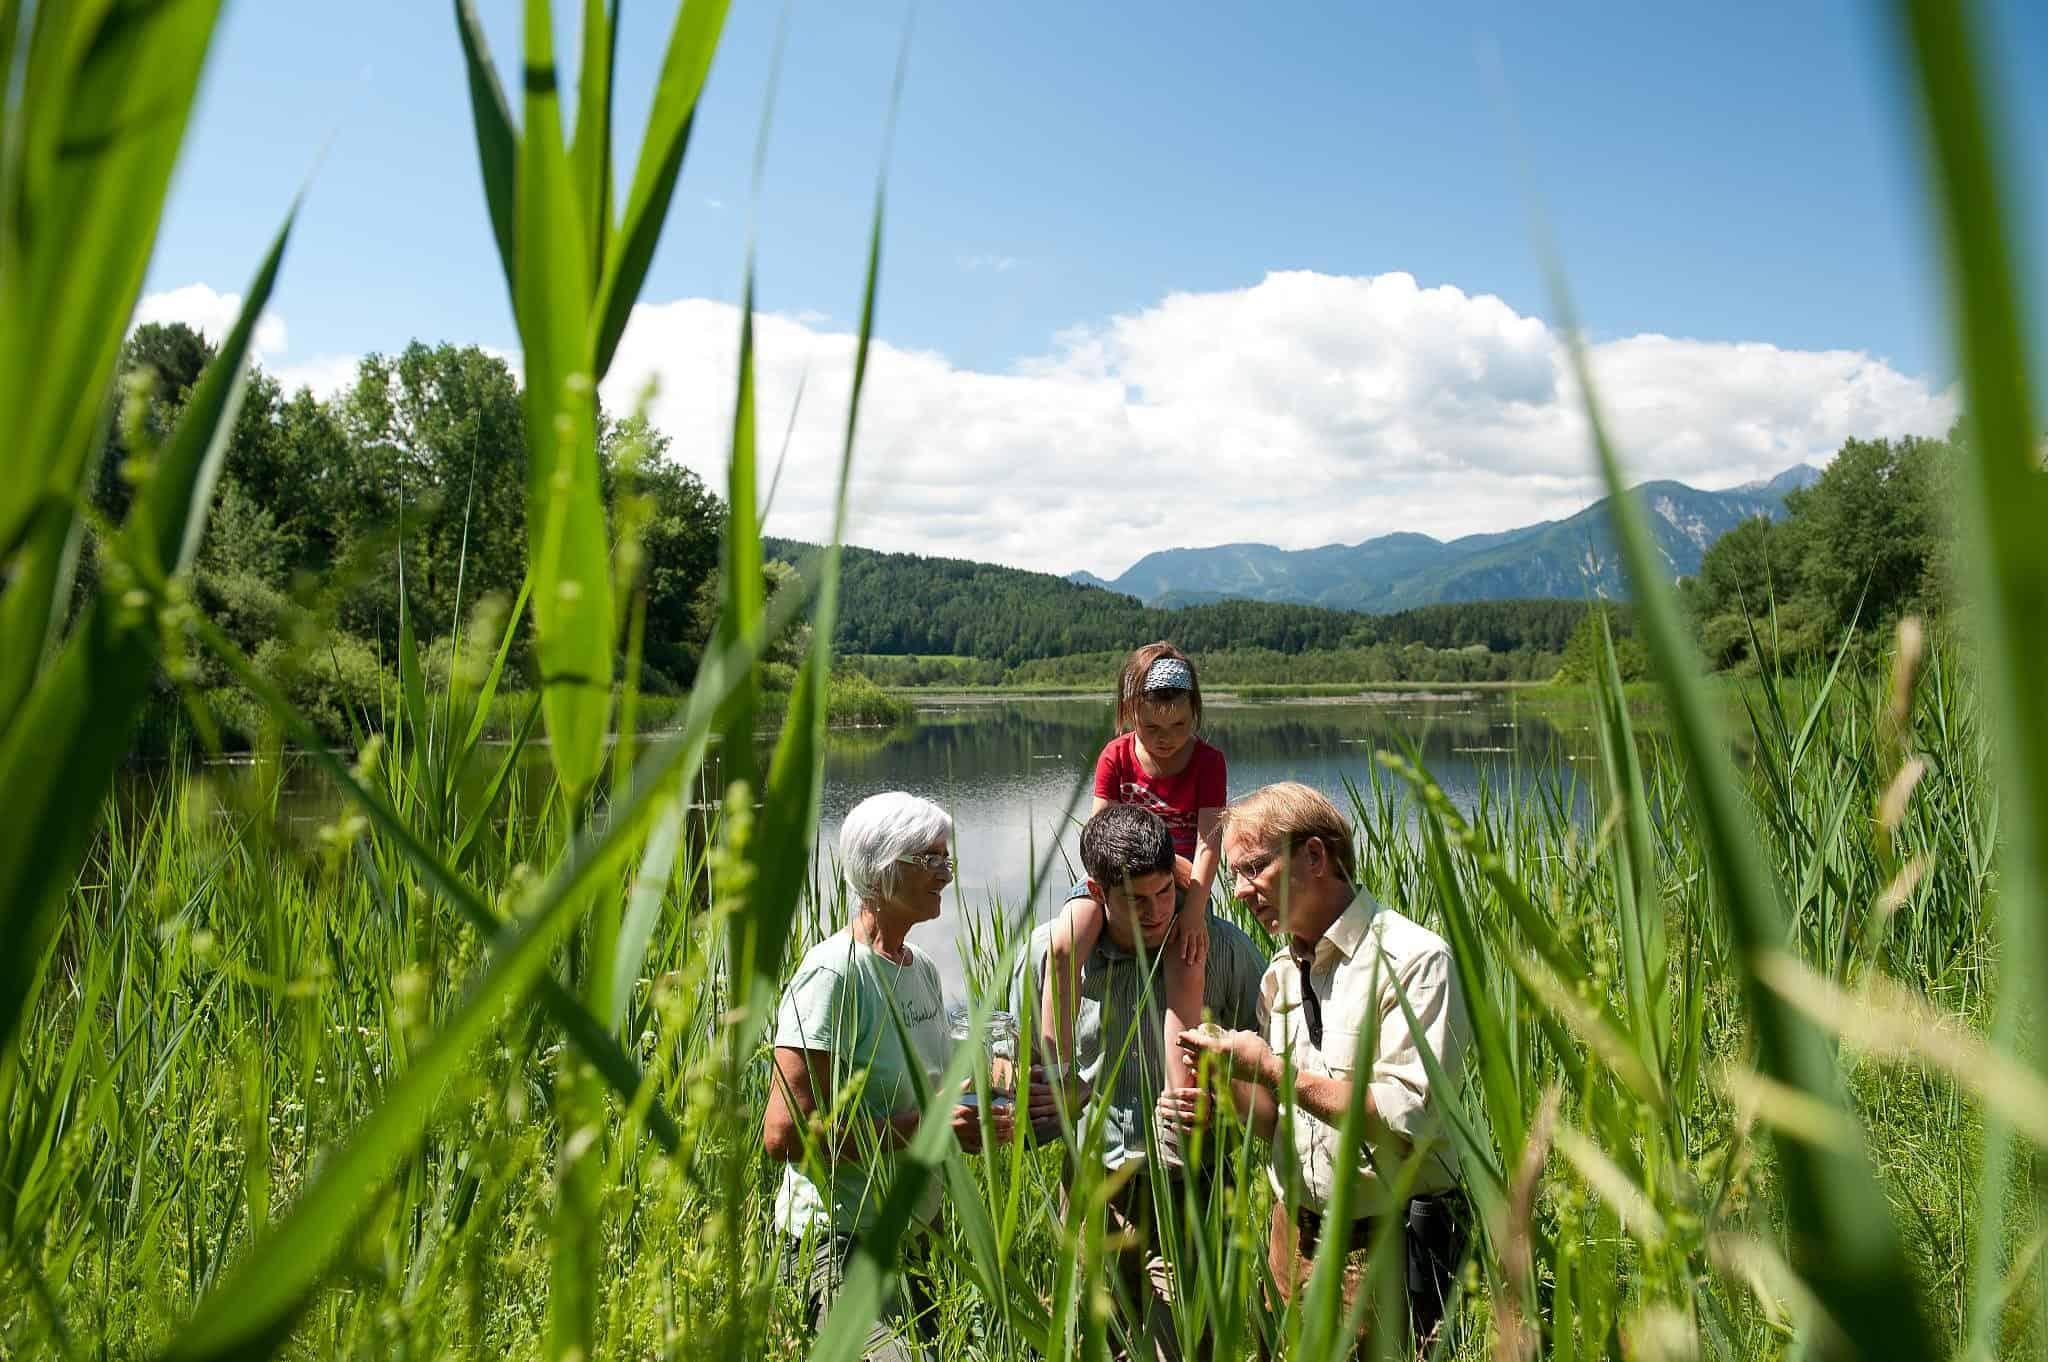 Familie mit Kind bei Führung und Expedition im Slabatnigmoor in Kärnten, Urlaubsregion Klopeinersee in Österreich.